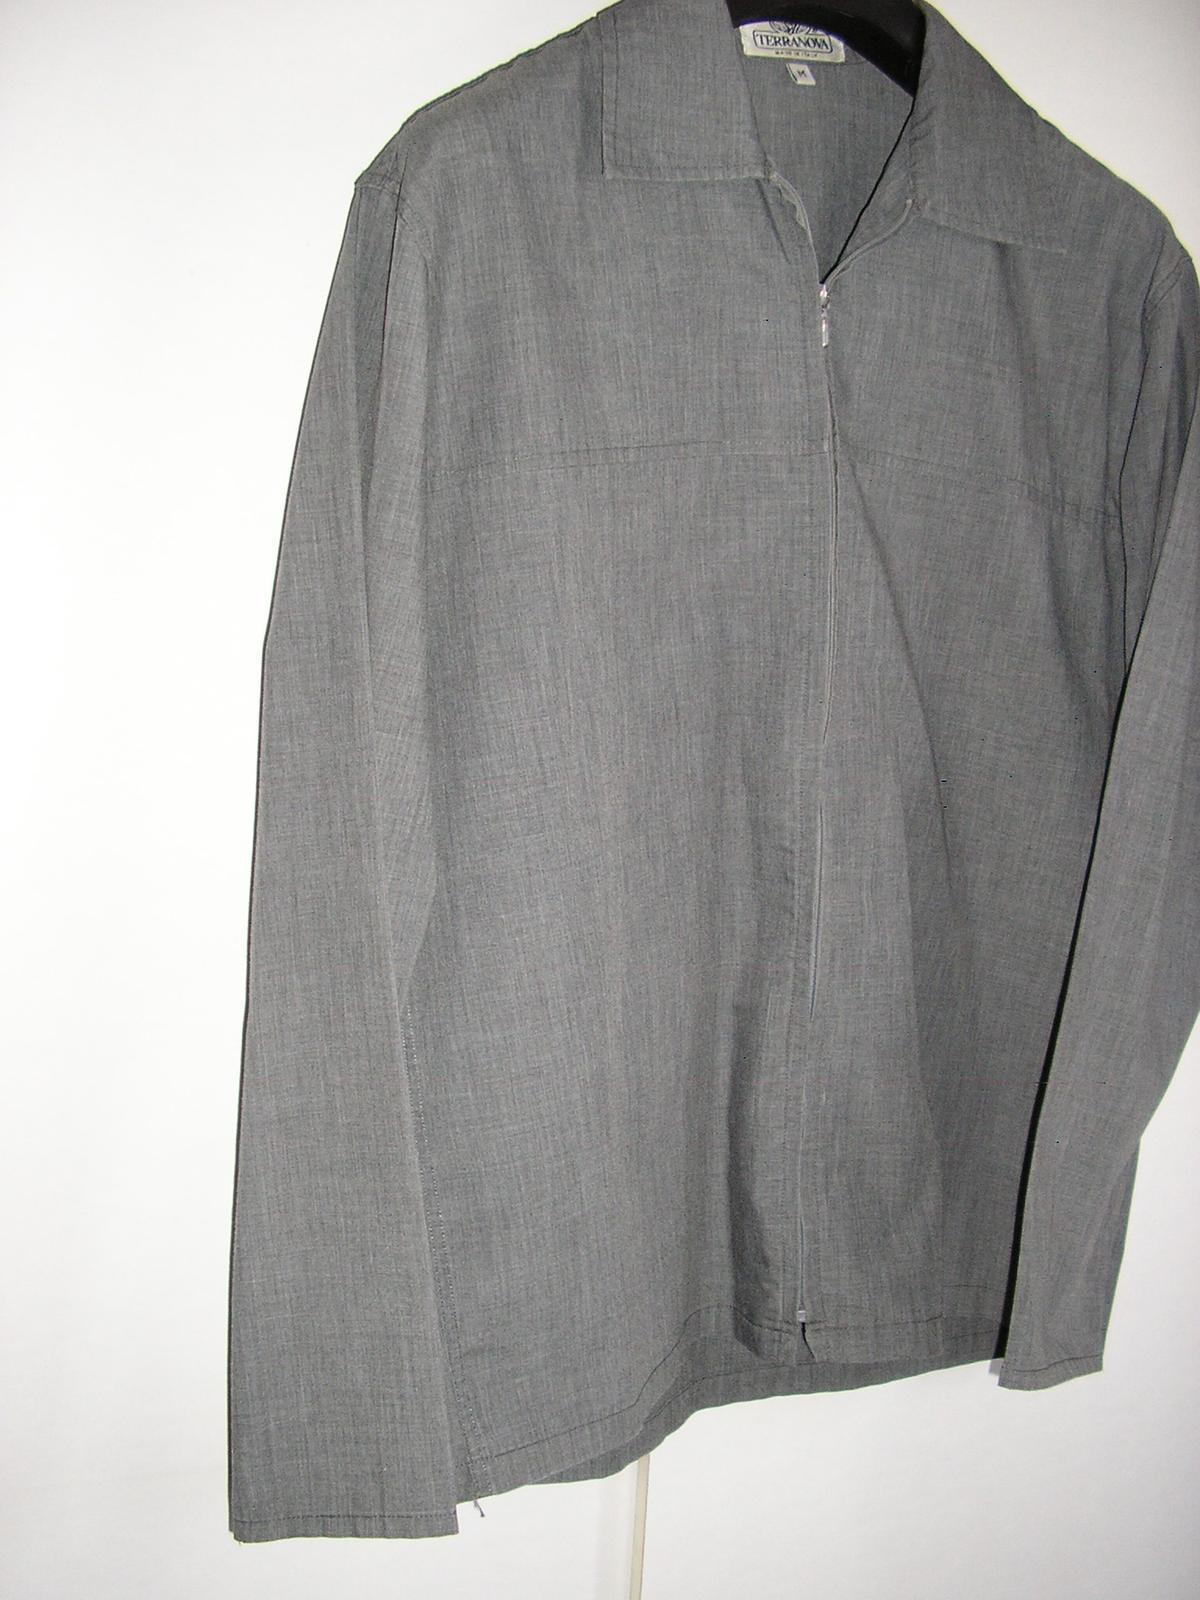 475. Pánska košeľa                           - Obrázok č. 1